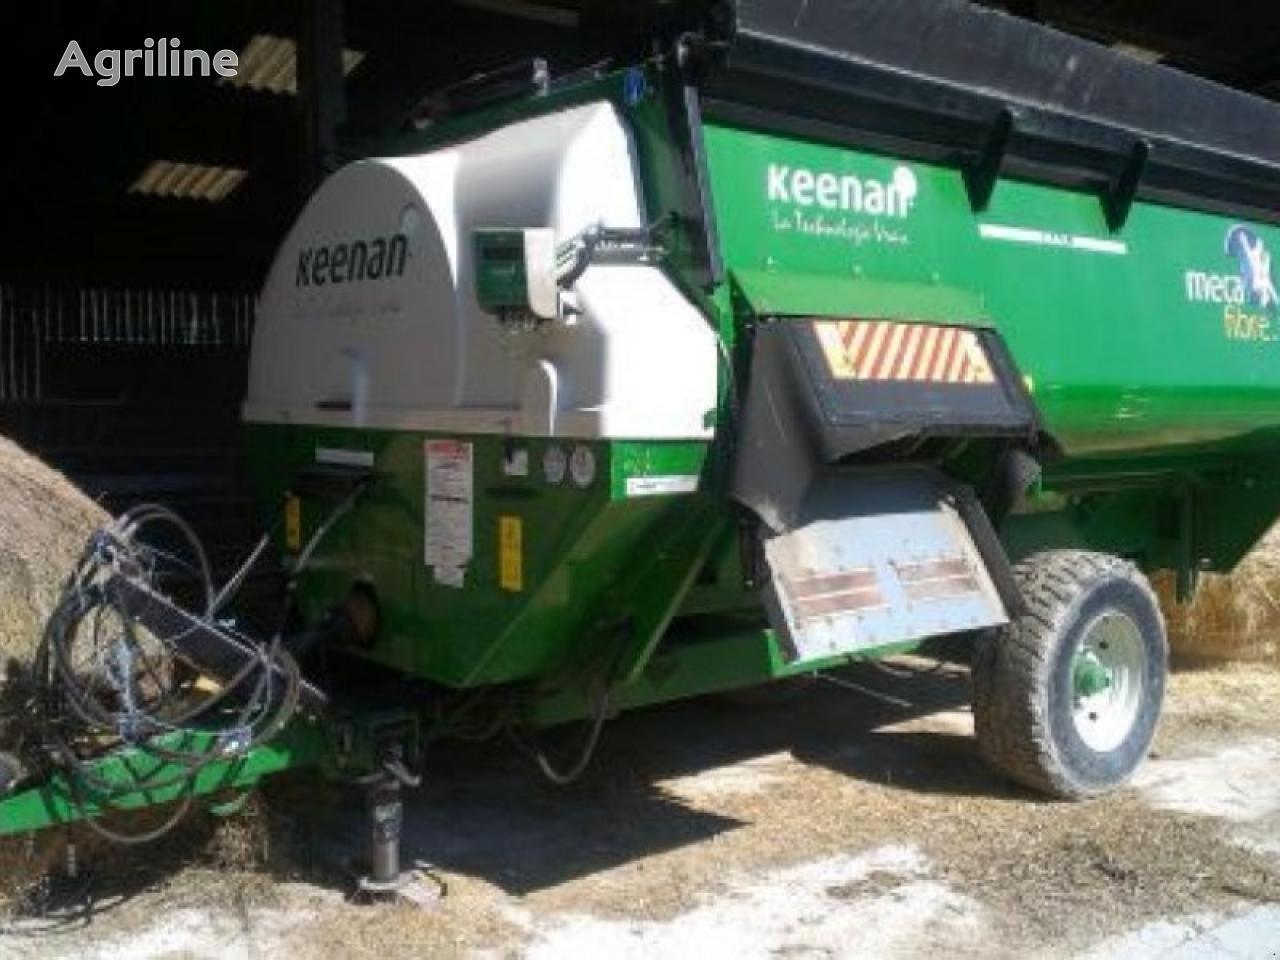 Keenan meca 320 carro mezclador